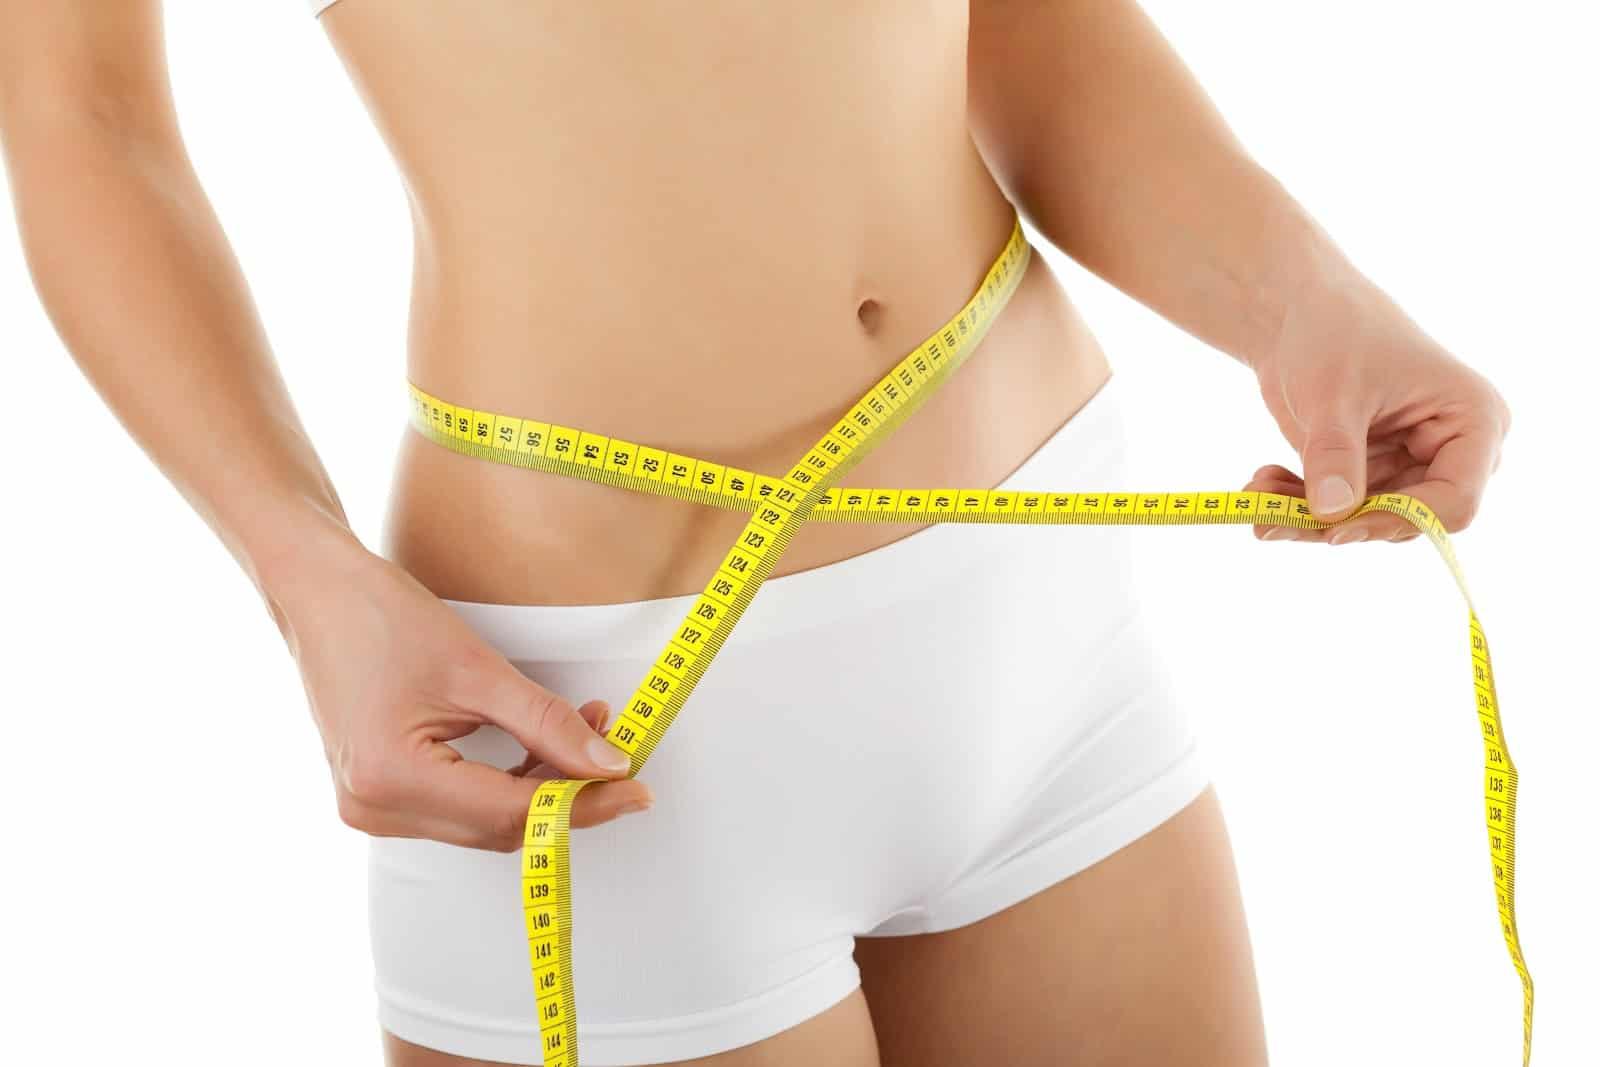 Criolipólisis, combate la grasa con frío